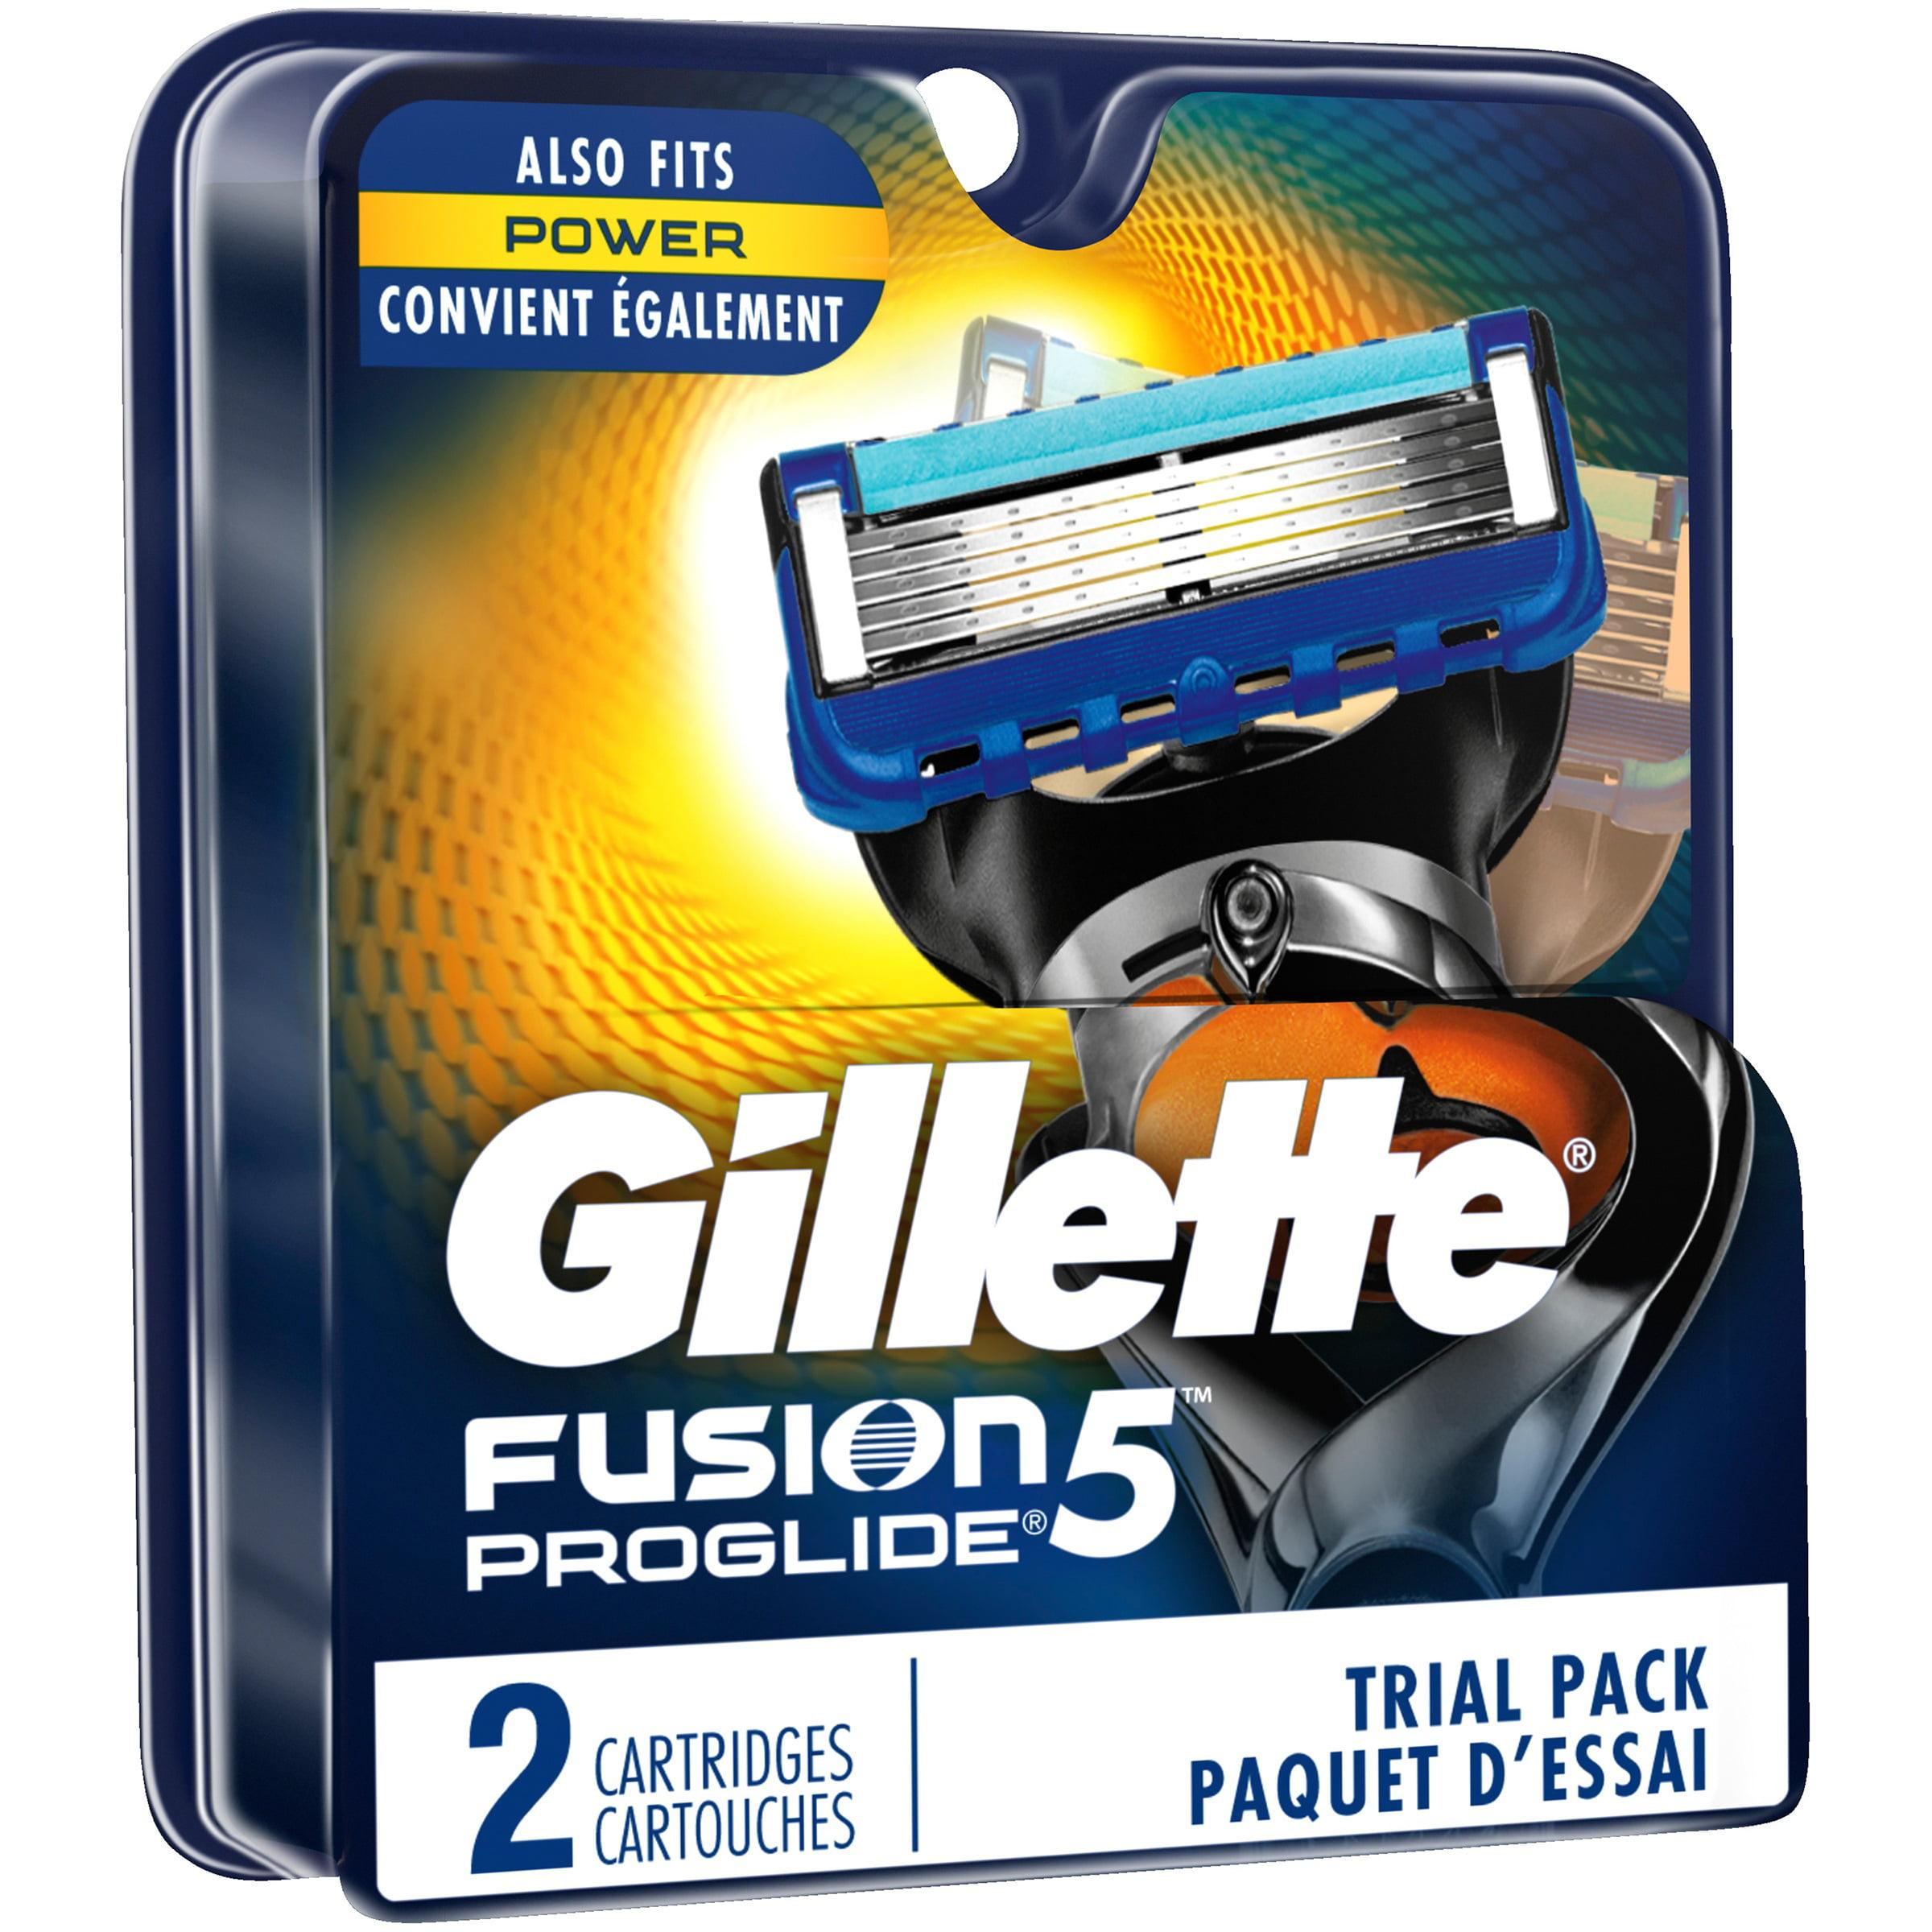 Gillette Fusion Proglide Cartridges, 2 count